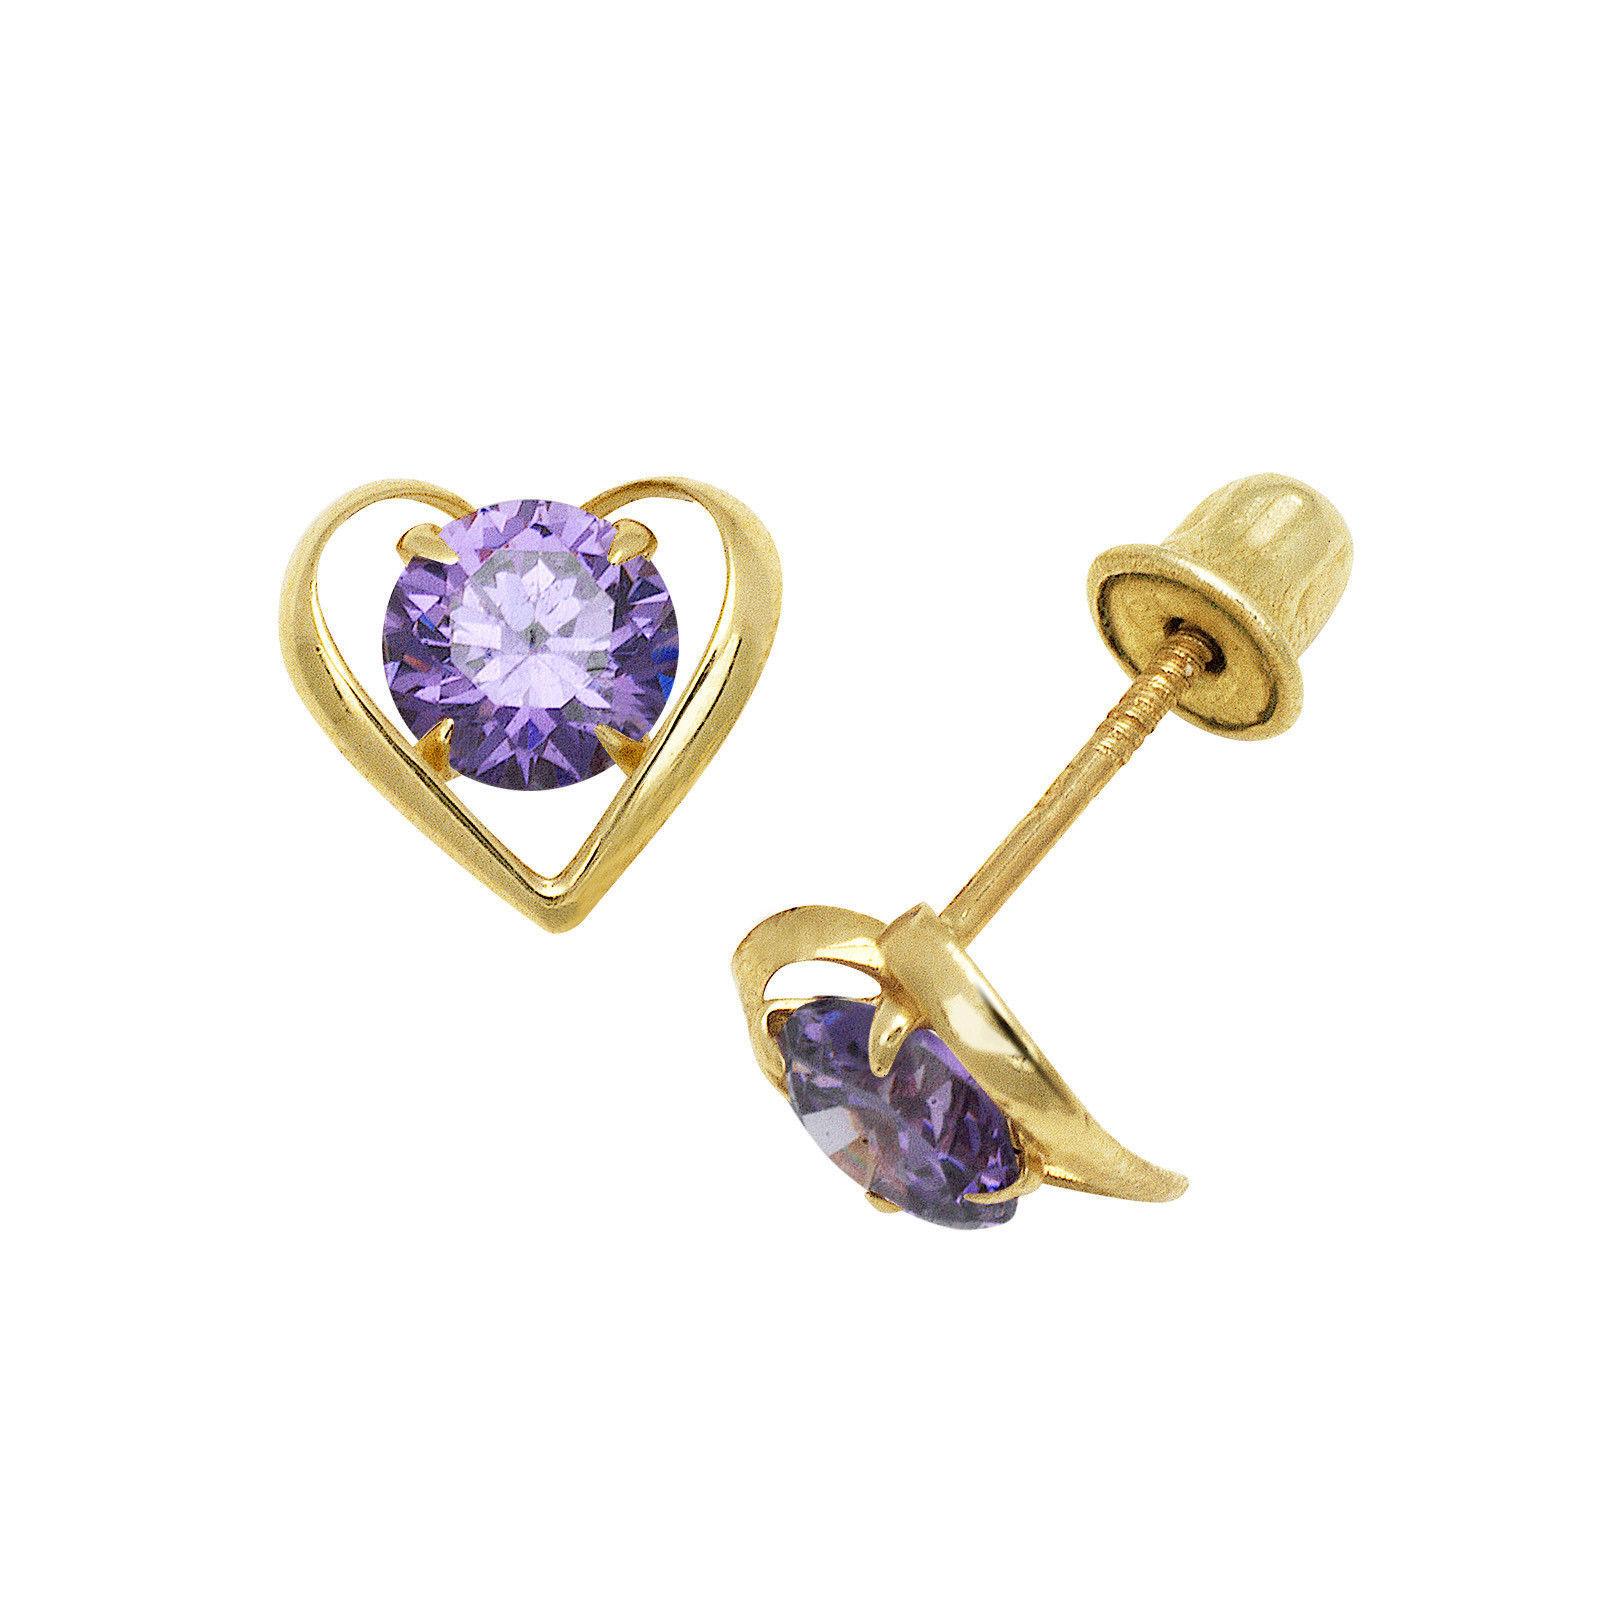 Blau & Weiss Saphir Herz & Blumen Stecker Ohrringe Schrauben Rückseite 14k Gold Echtschmuck